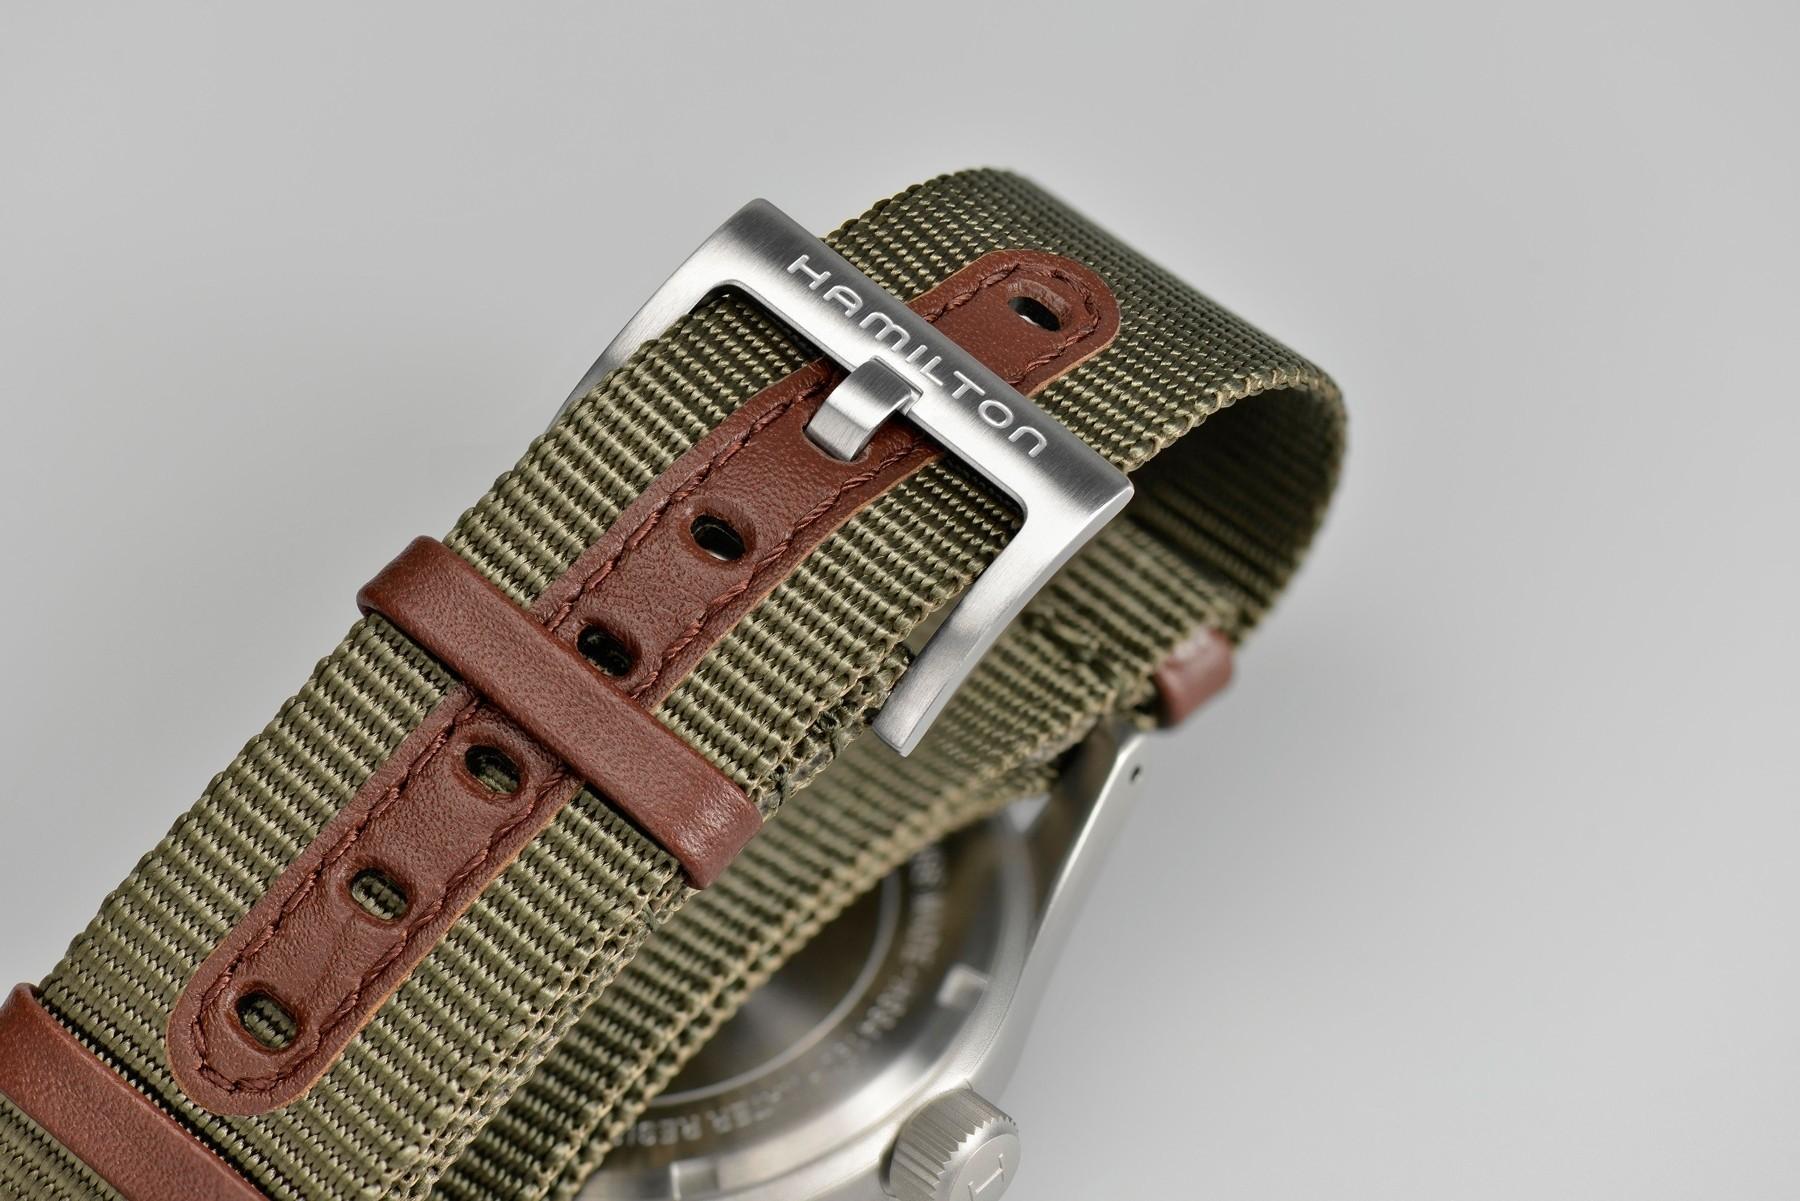 Hamilton Khaki Field Mechanical 38 mm - value proposition